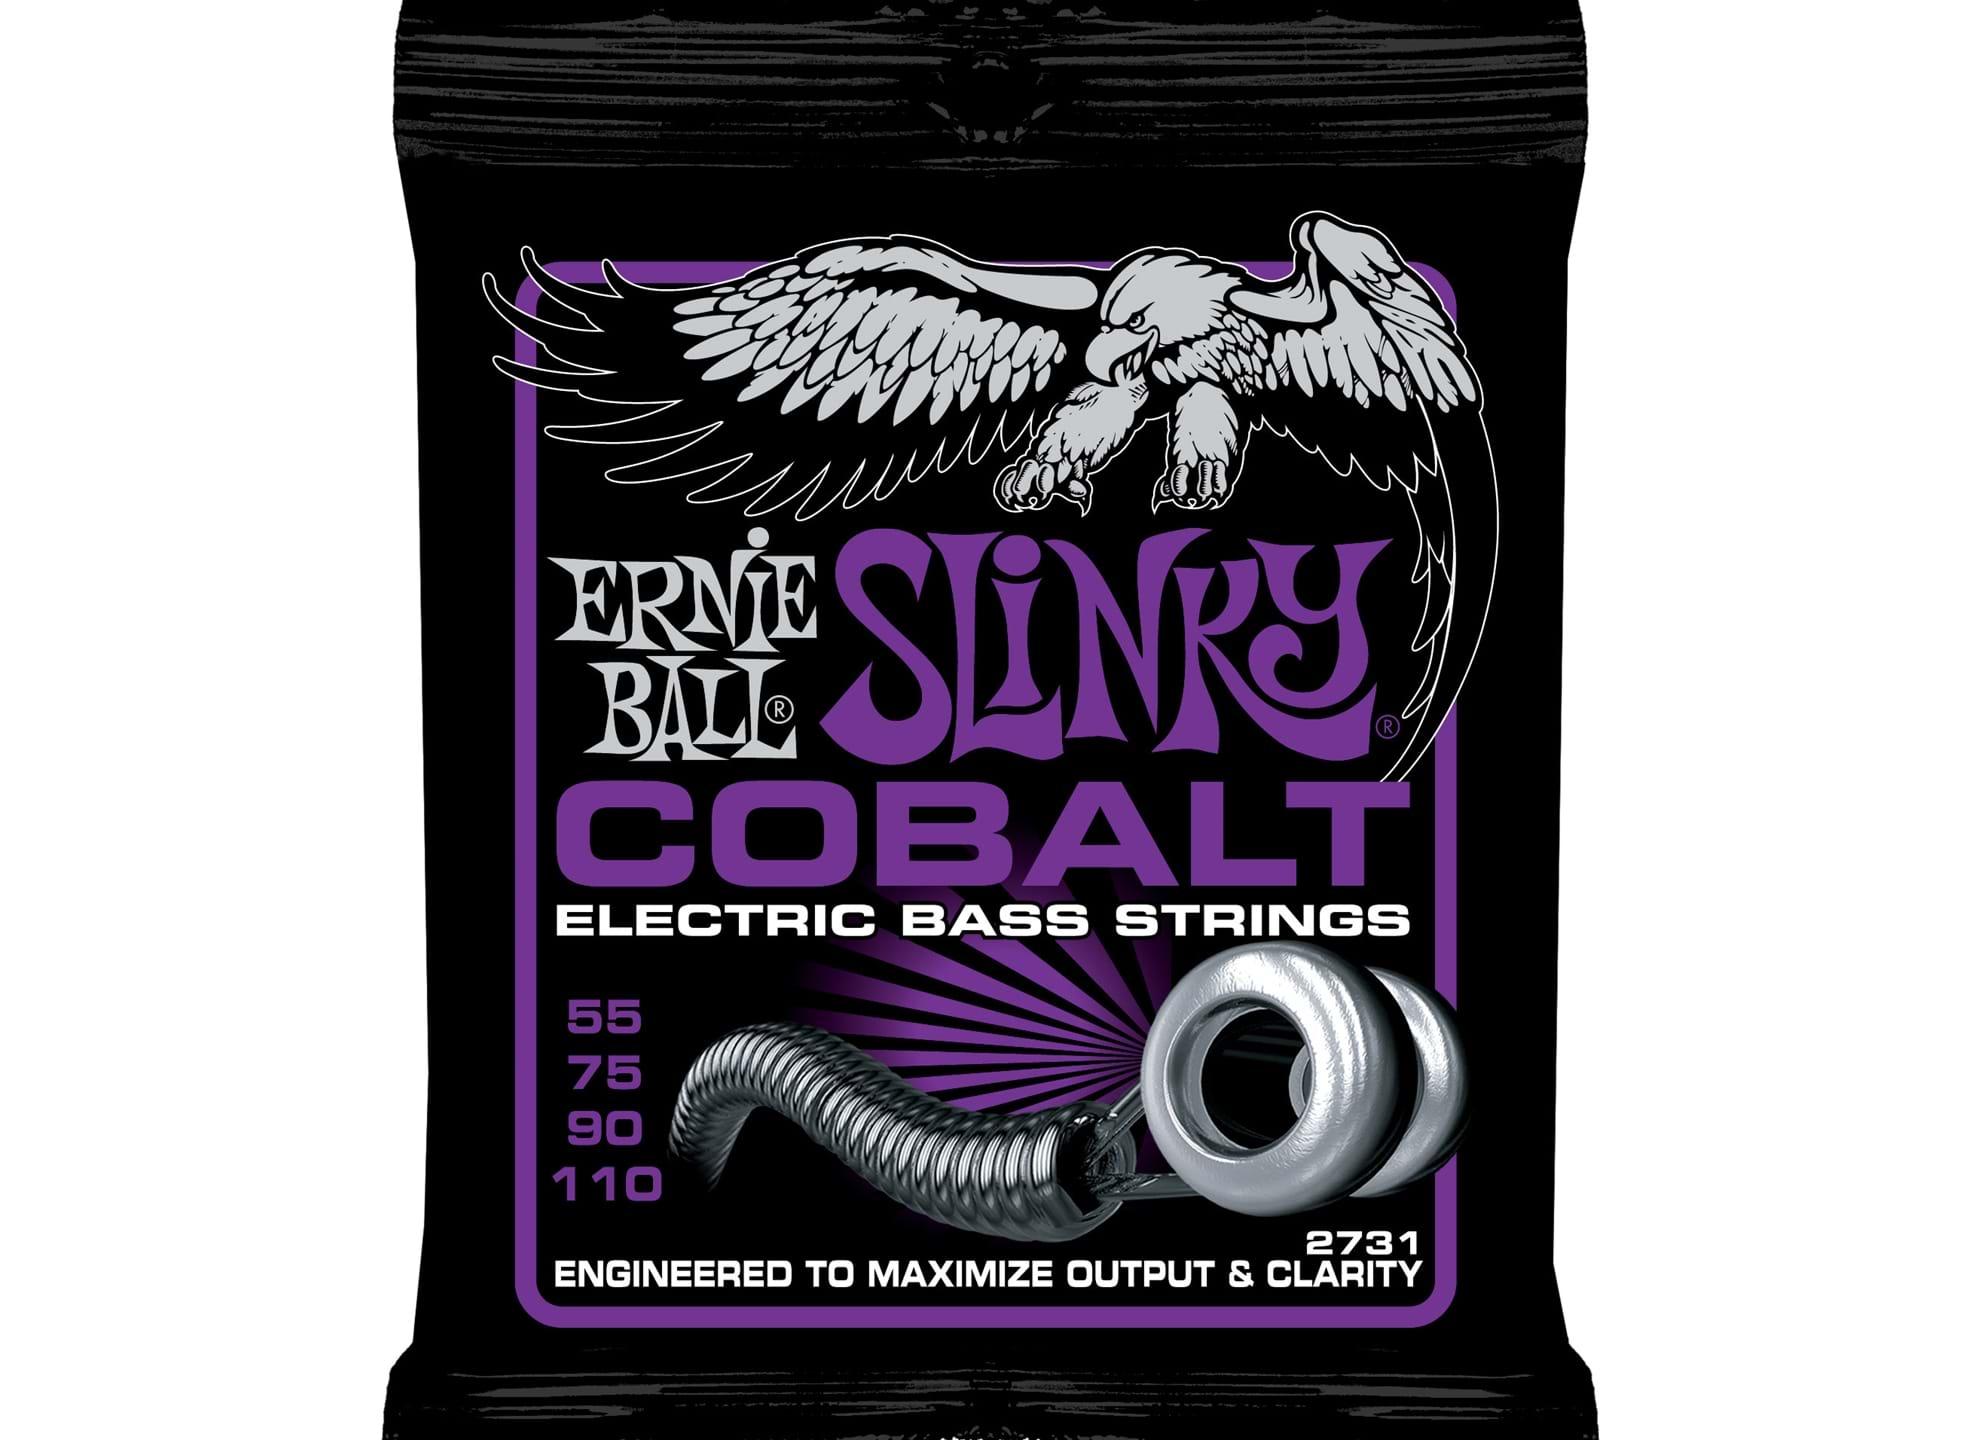 055-110 Power Slinky Bass Cobalt 2731